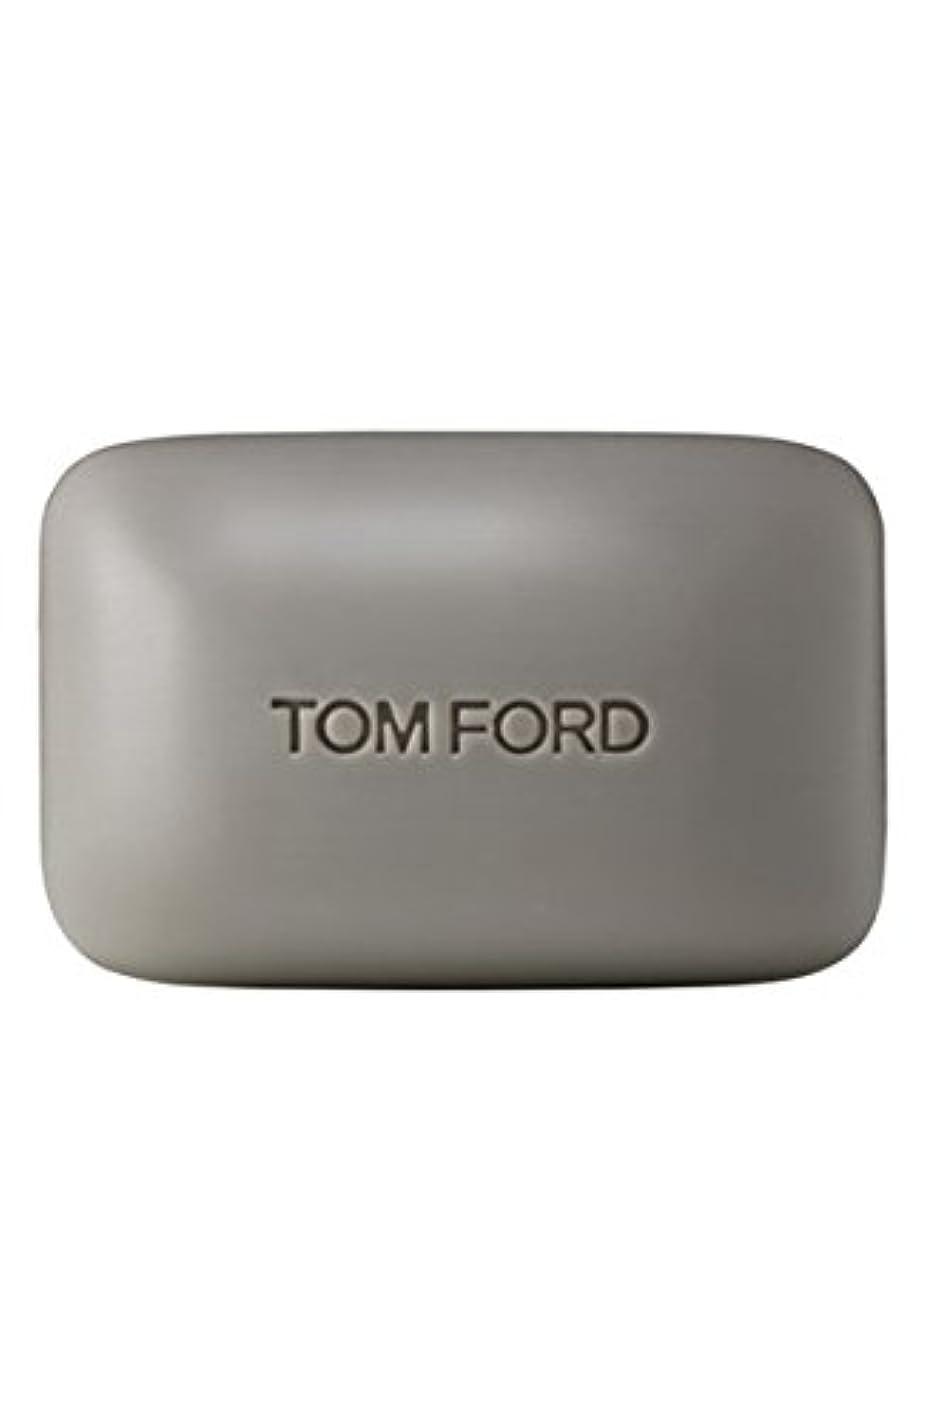 再集計おもちゃ果てしないTom Ford Private Blend 'Oud Wood' (トムフォード プライベートブレンド オードウッド) 5.5 oz (165ml) Bar Soap (固形石鹸)